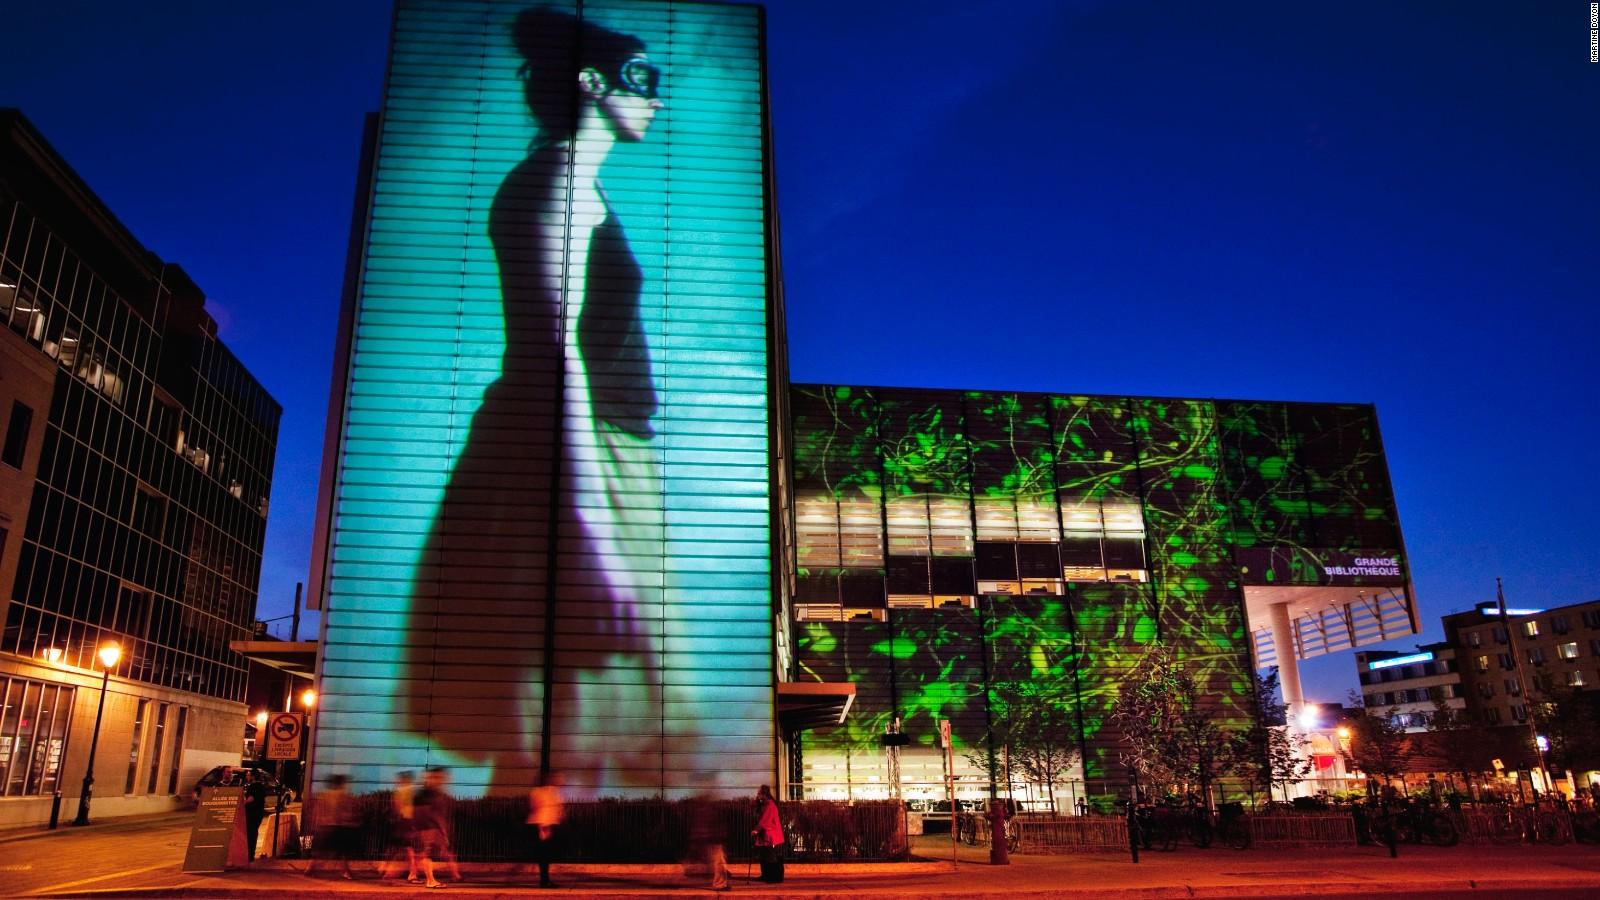 Creative Montreal - Quartier des Spectacles